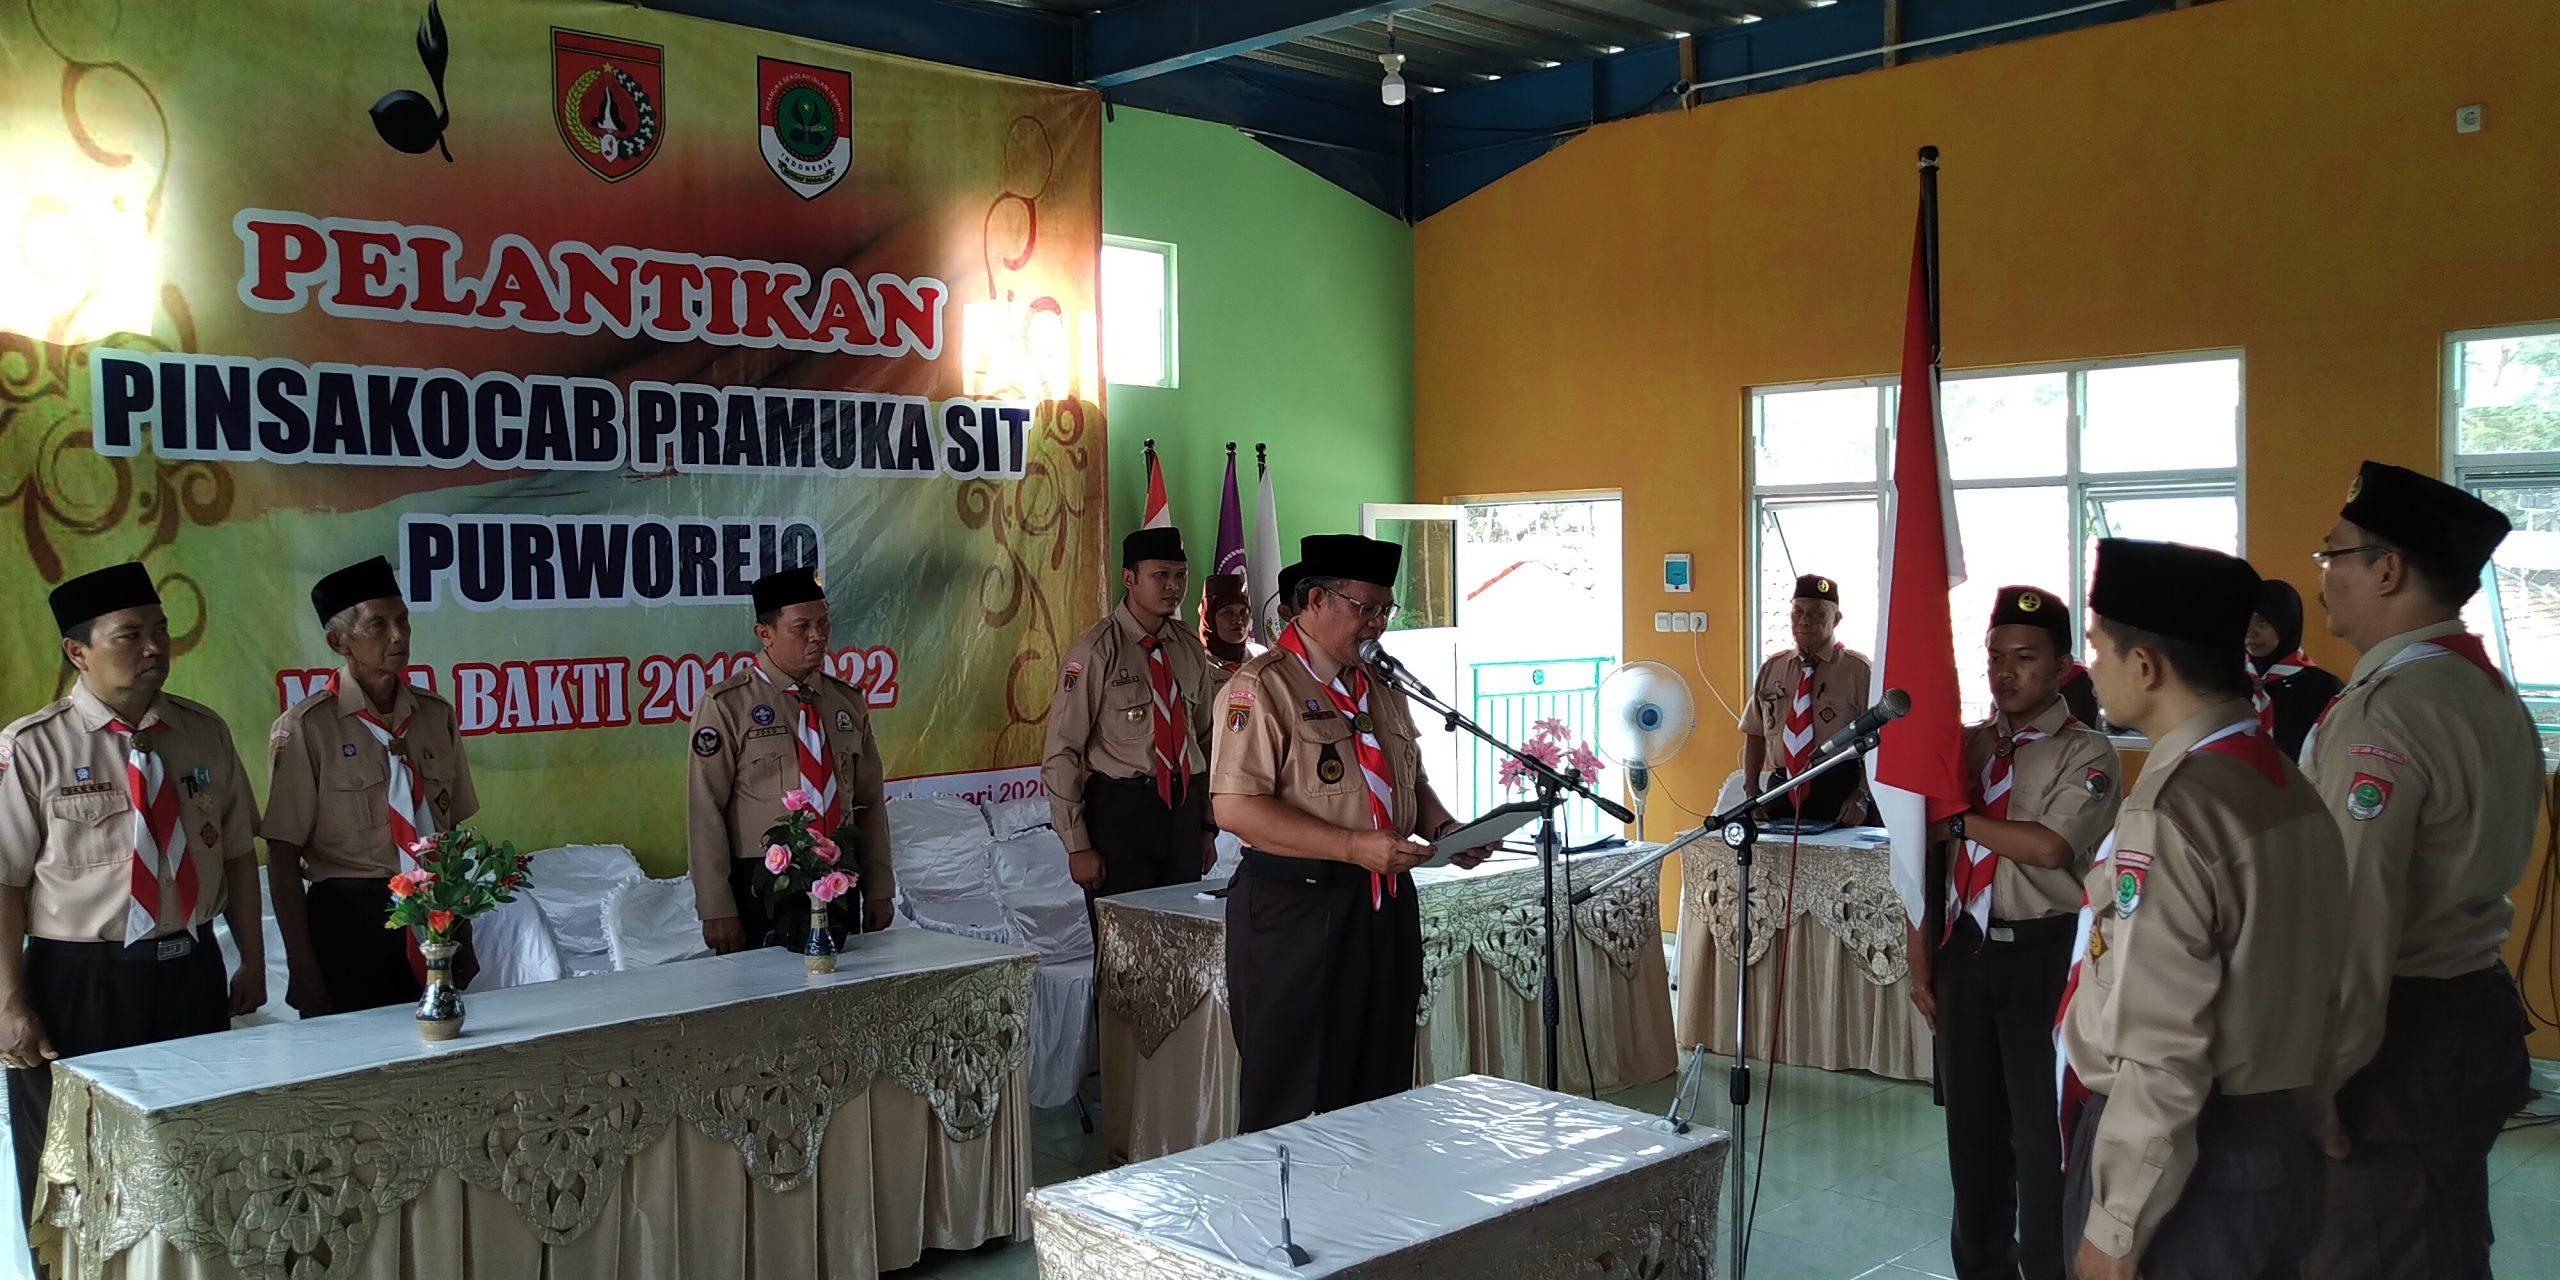 Pengukuhan Pengurus SAKO Pramuka SIT Purworejo